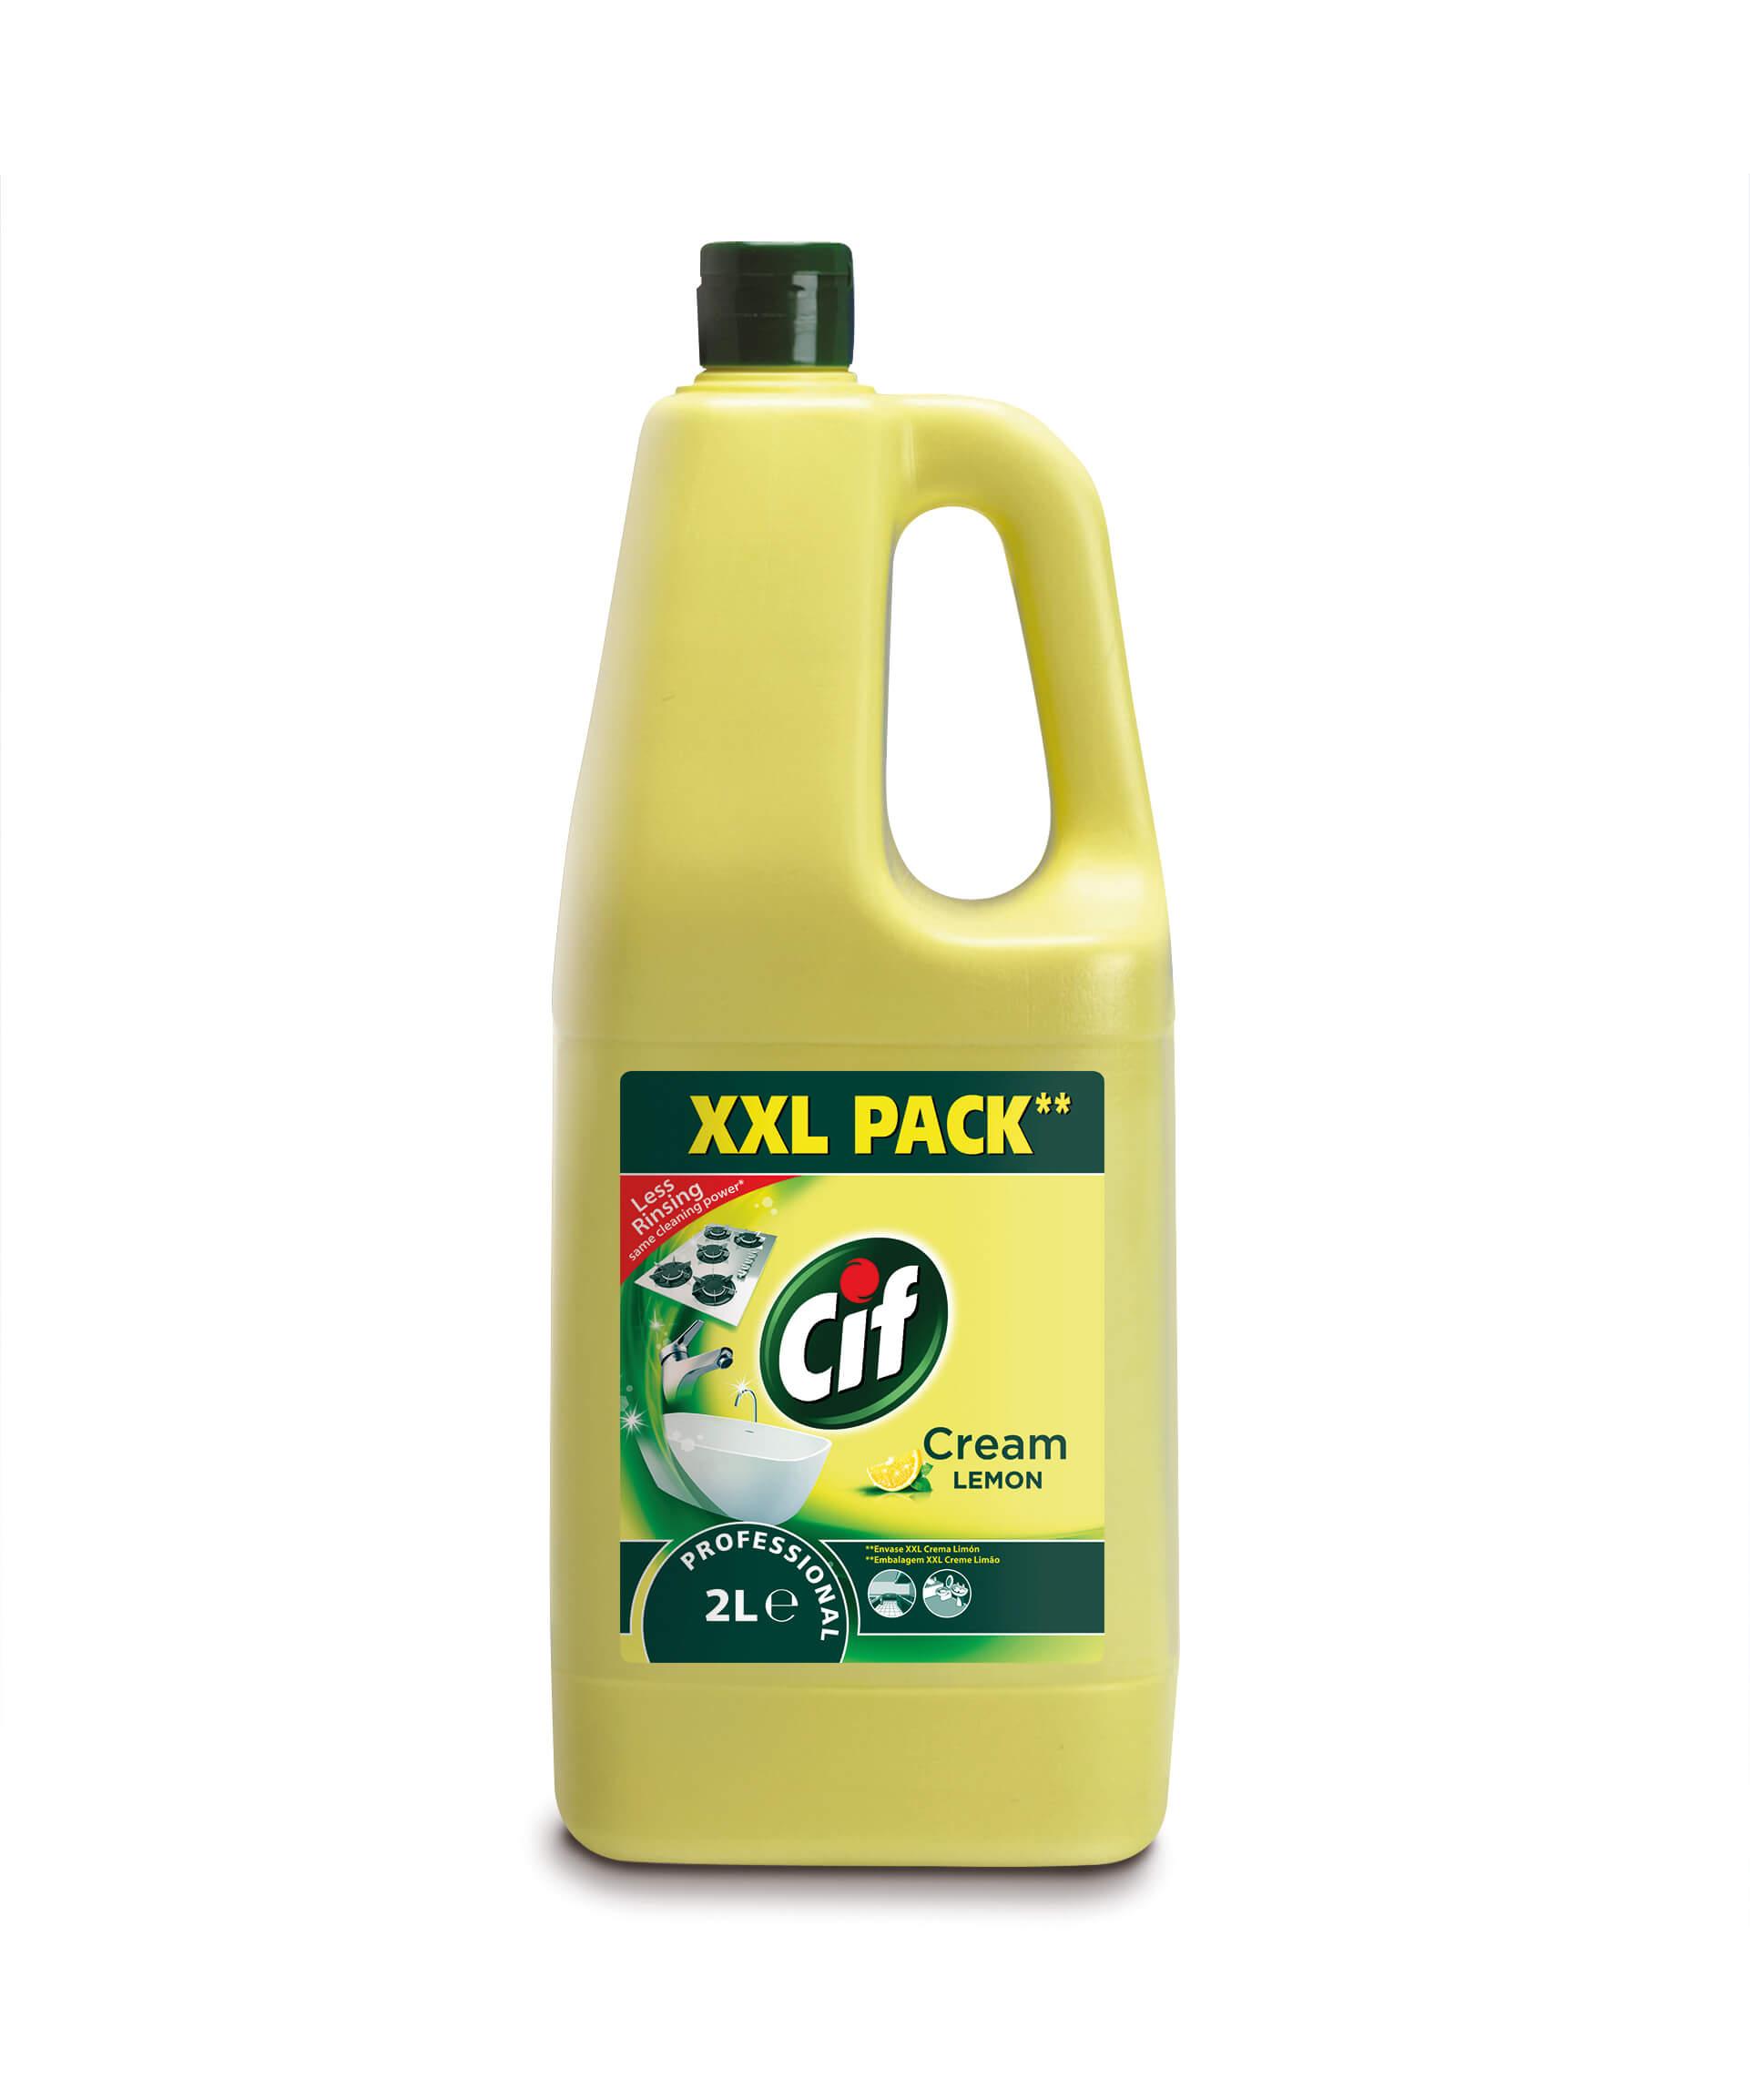 Cif PF Creme Limão